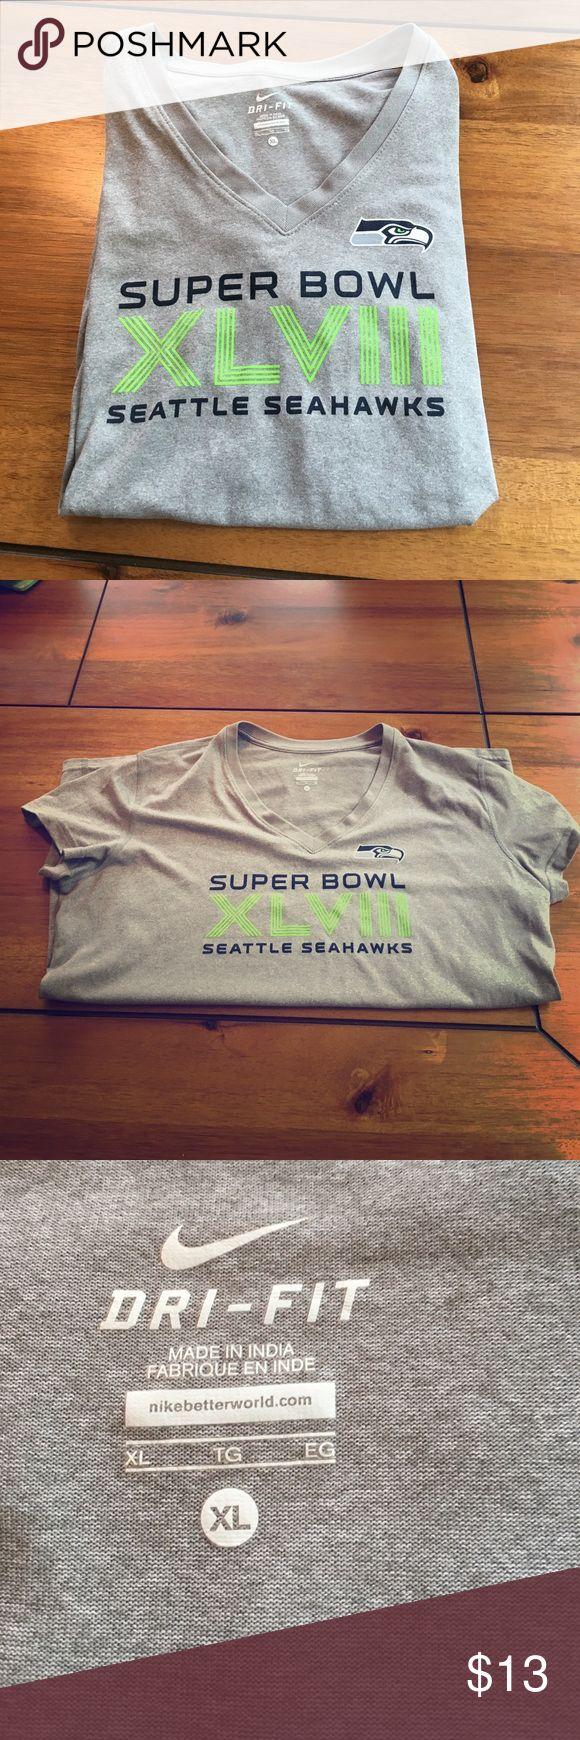 Nike Seahawks tee Dri-fit Seattle Seahawks Super Bowl tee Tops Tees - Short Sleeve